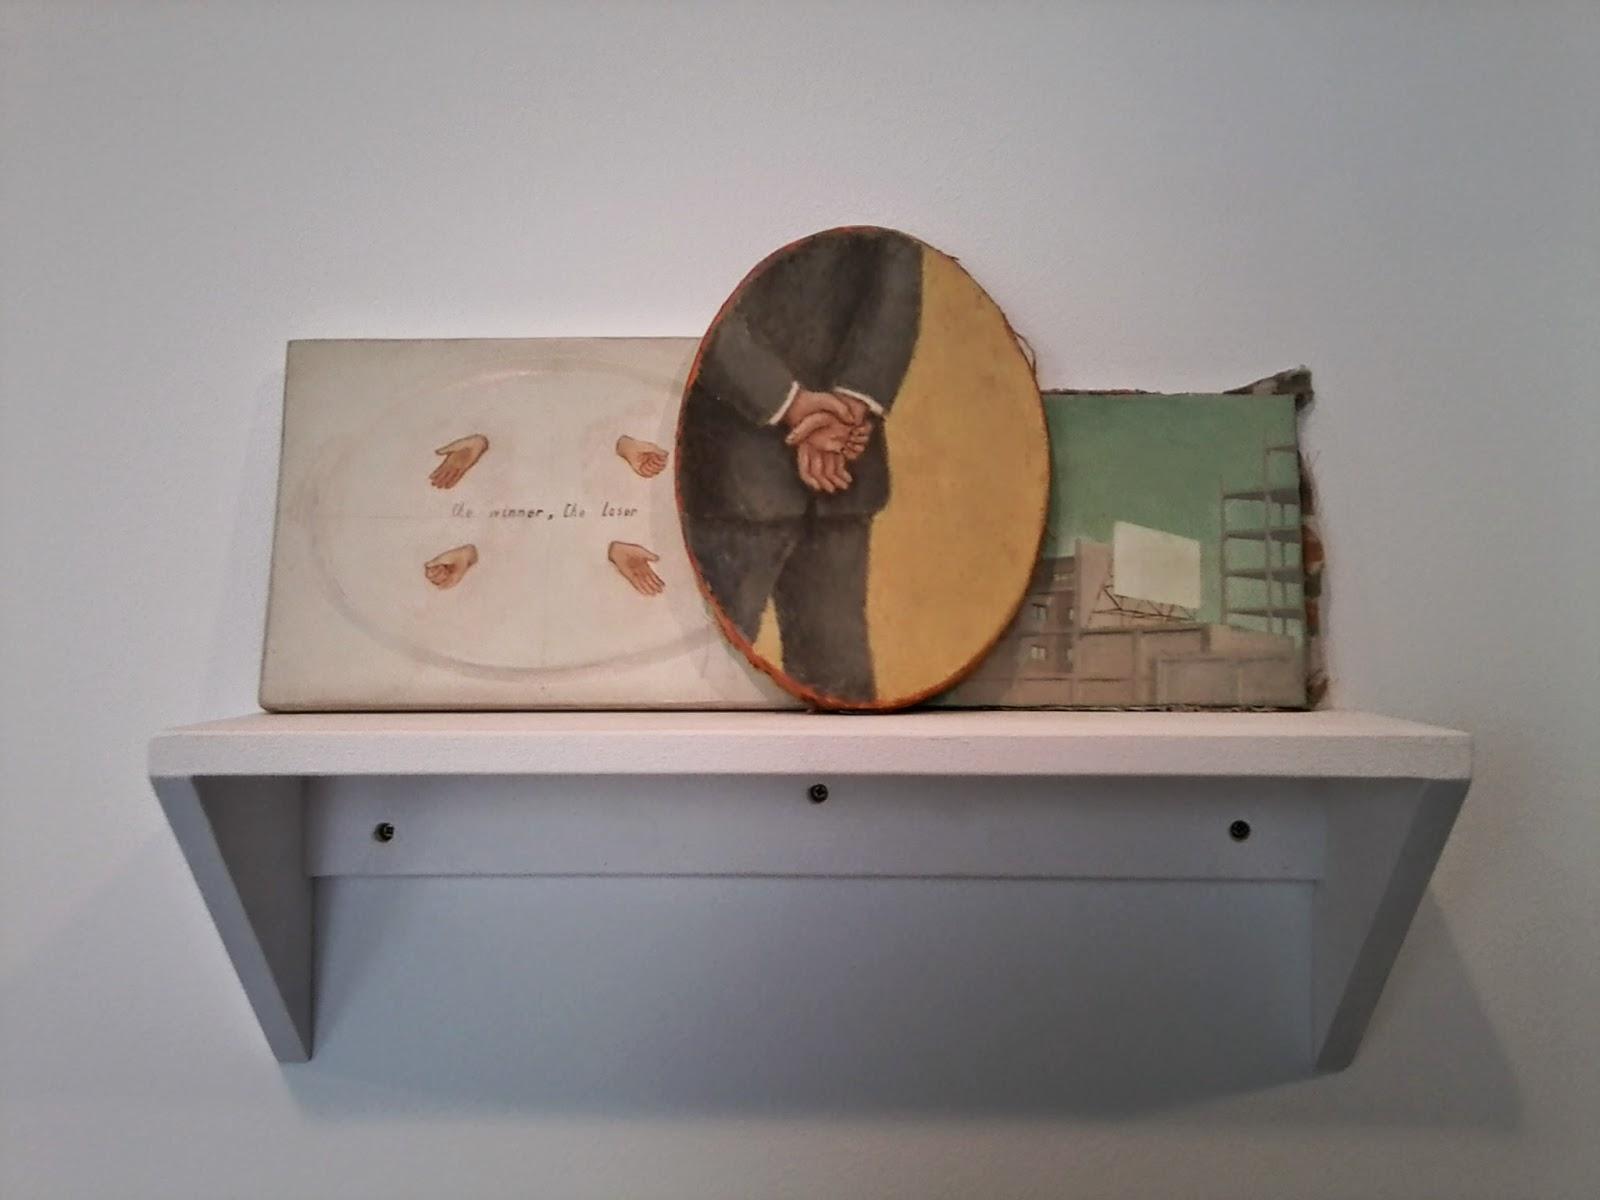 Blog de Arte, Voa-Gallery, Fundación ARCO, Colección, fotografía, Centro de Arte Alcobendas, Exposición temporal, Variation, Instalación, Francis Alys,